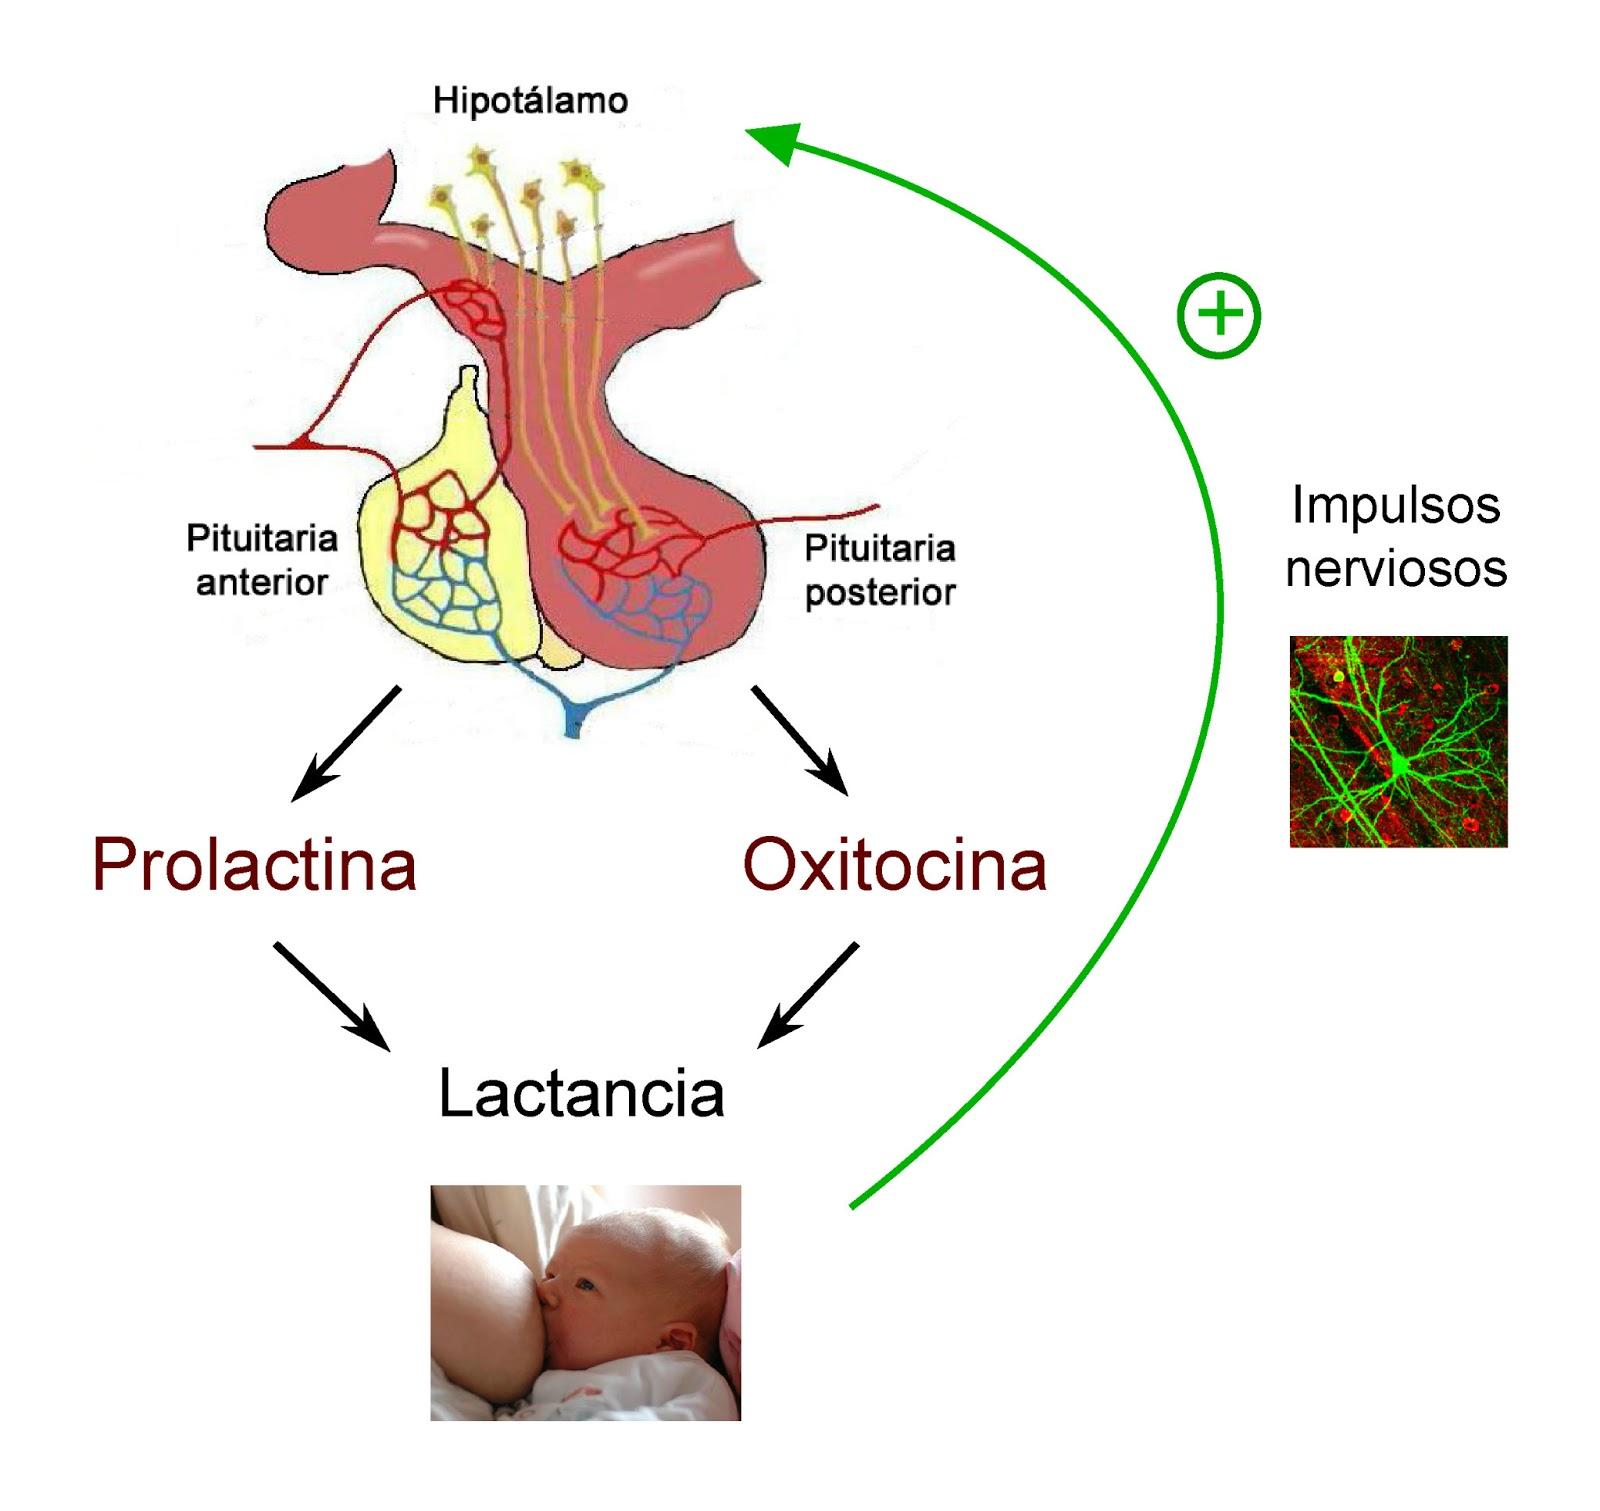 La succión del pezón provoca impulsos nerviosos que inducen la secreción de prolactina y oxitocina